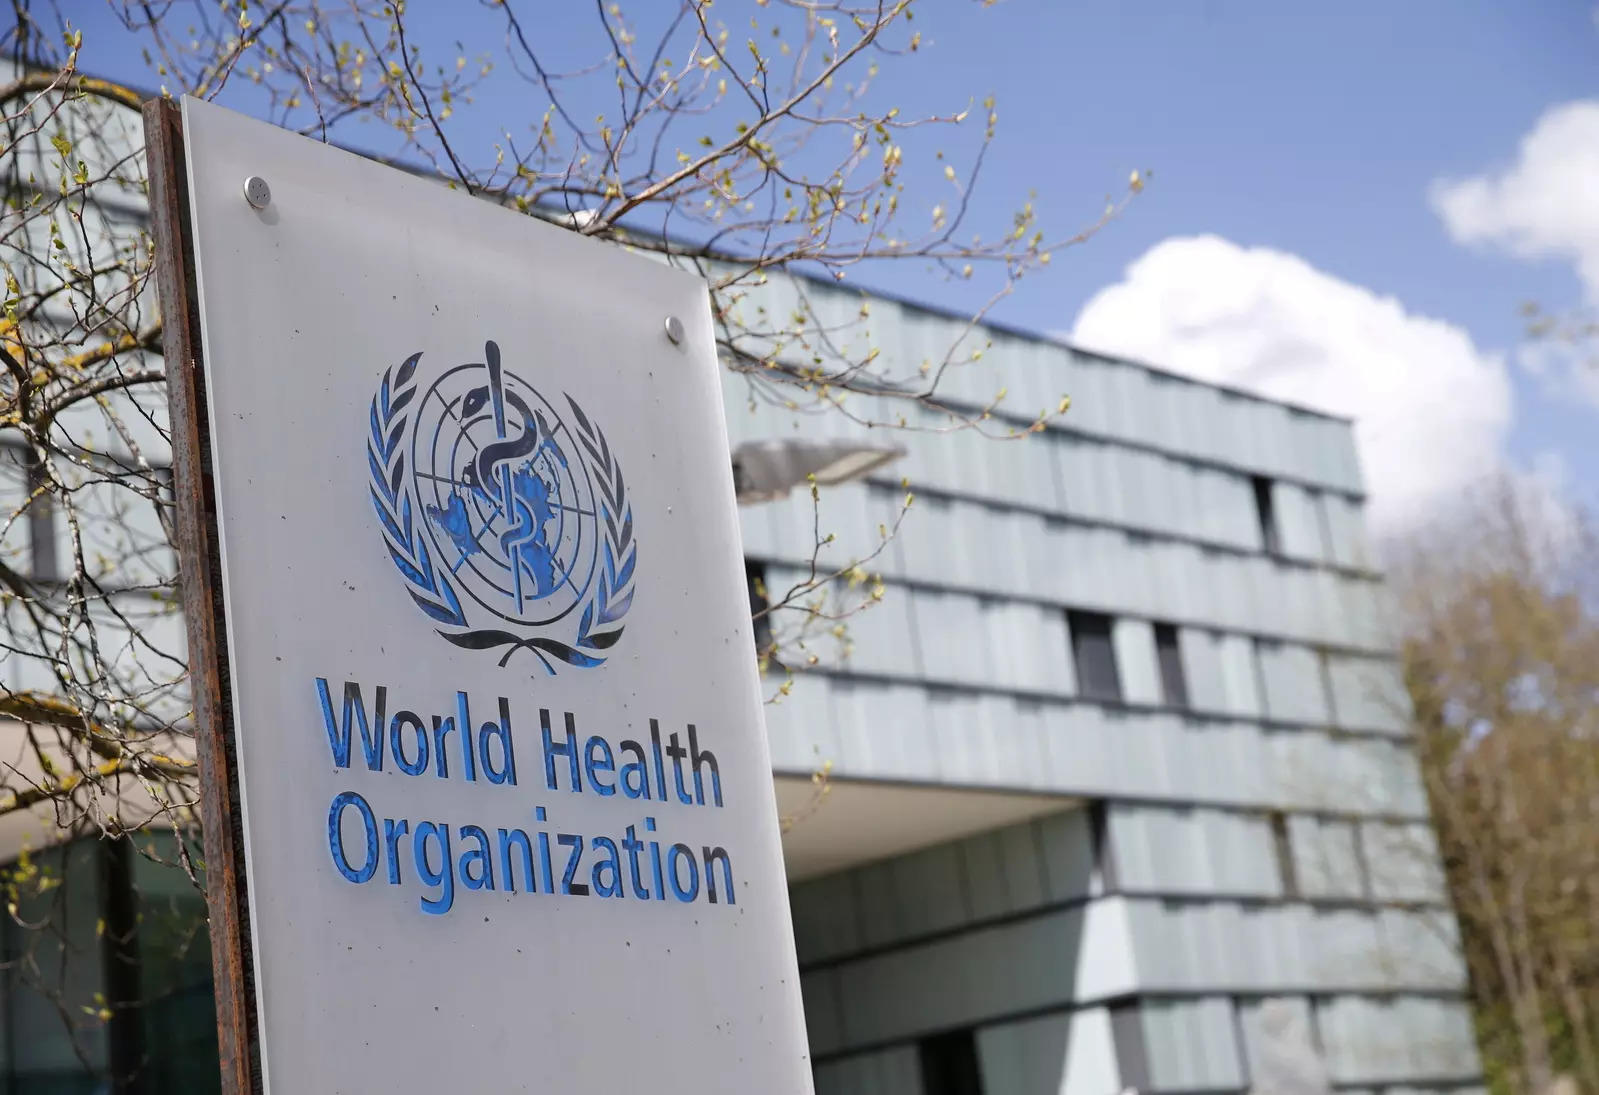 भारत में सप्ताह में नए कोविड -19 मामलों में 13 प्रतिशत की गिरावट;  विश्व स्तर पर अभी भी उच्चतम: WHO – ET HealthWorld